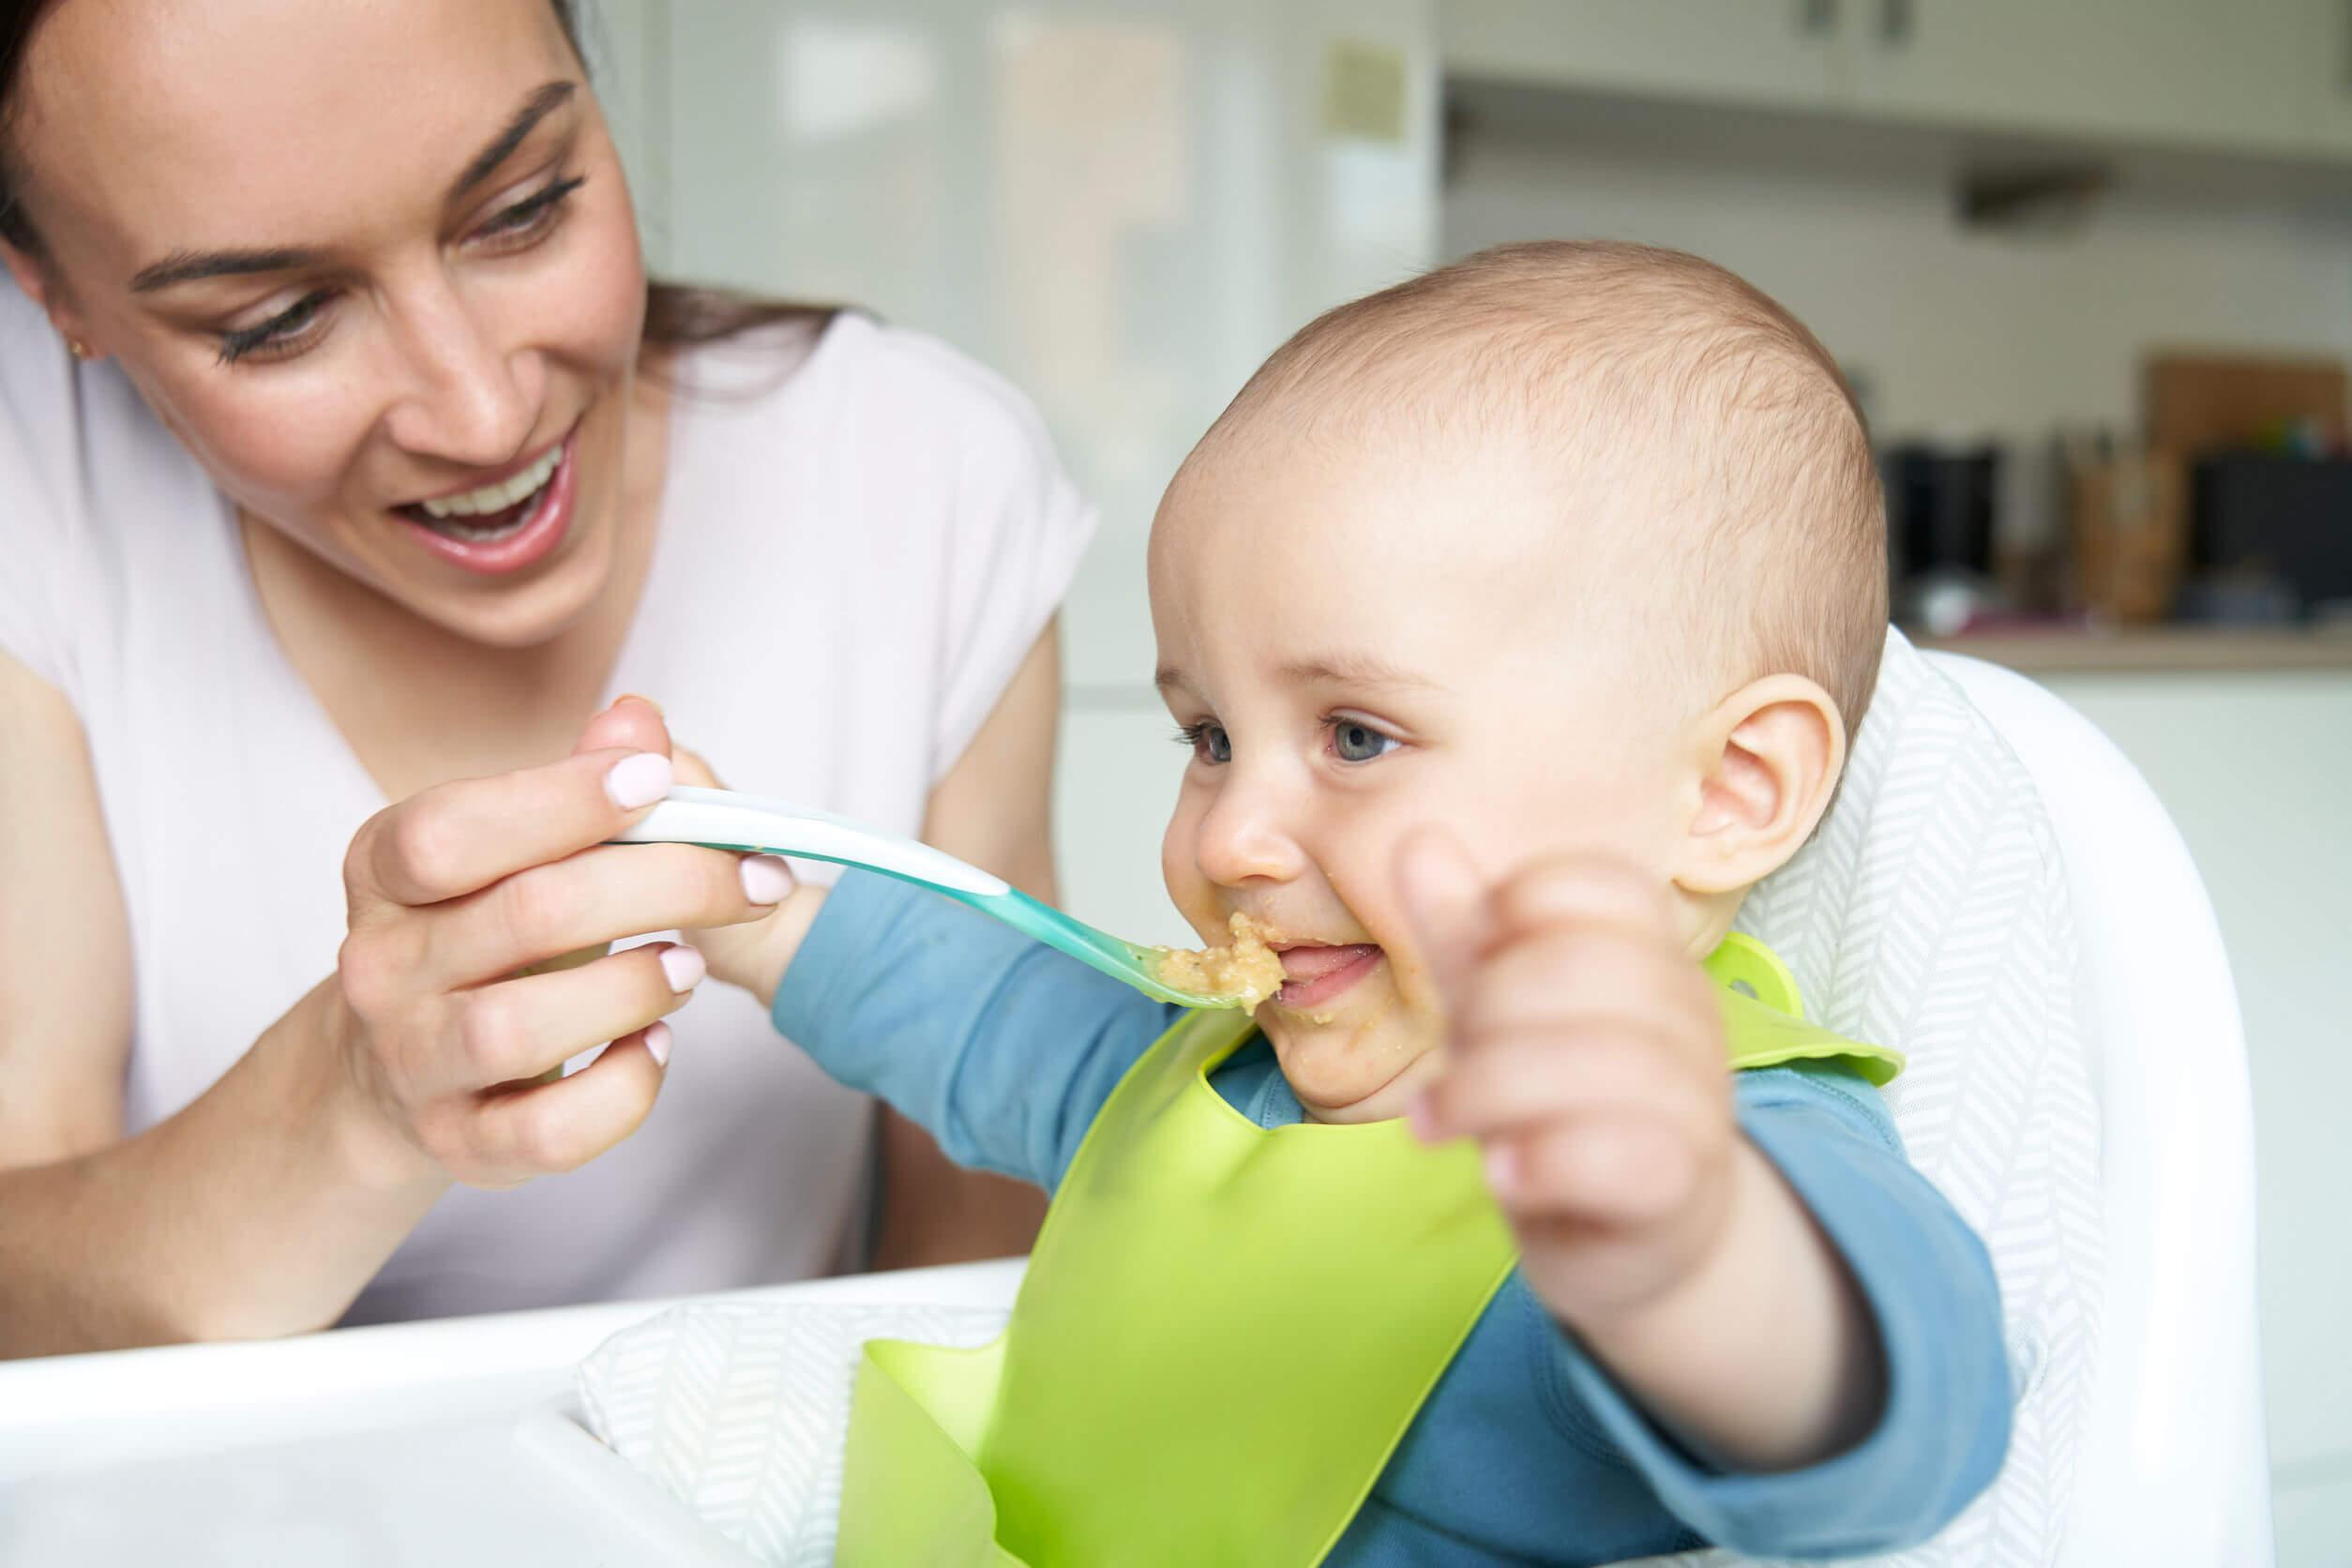 Madre dando alimentación complementaria a su hijo.